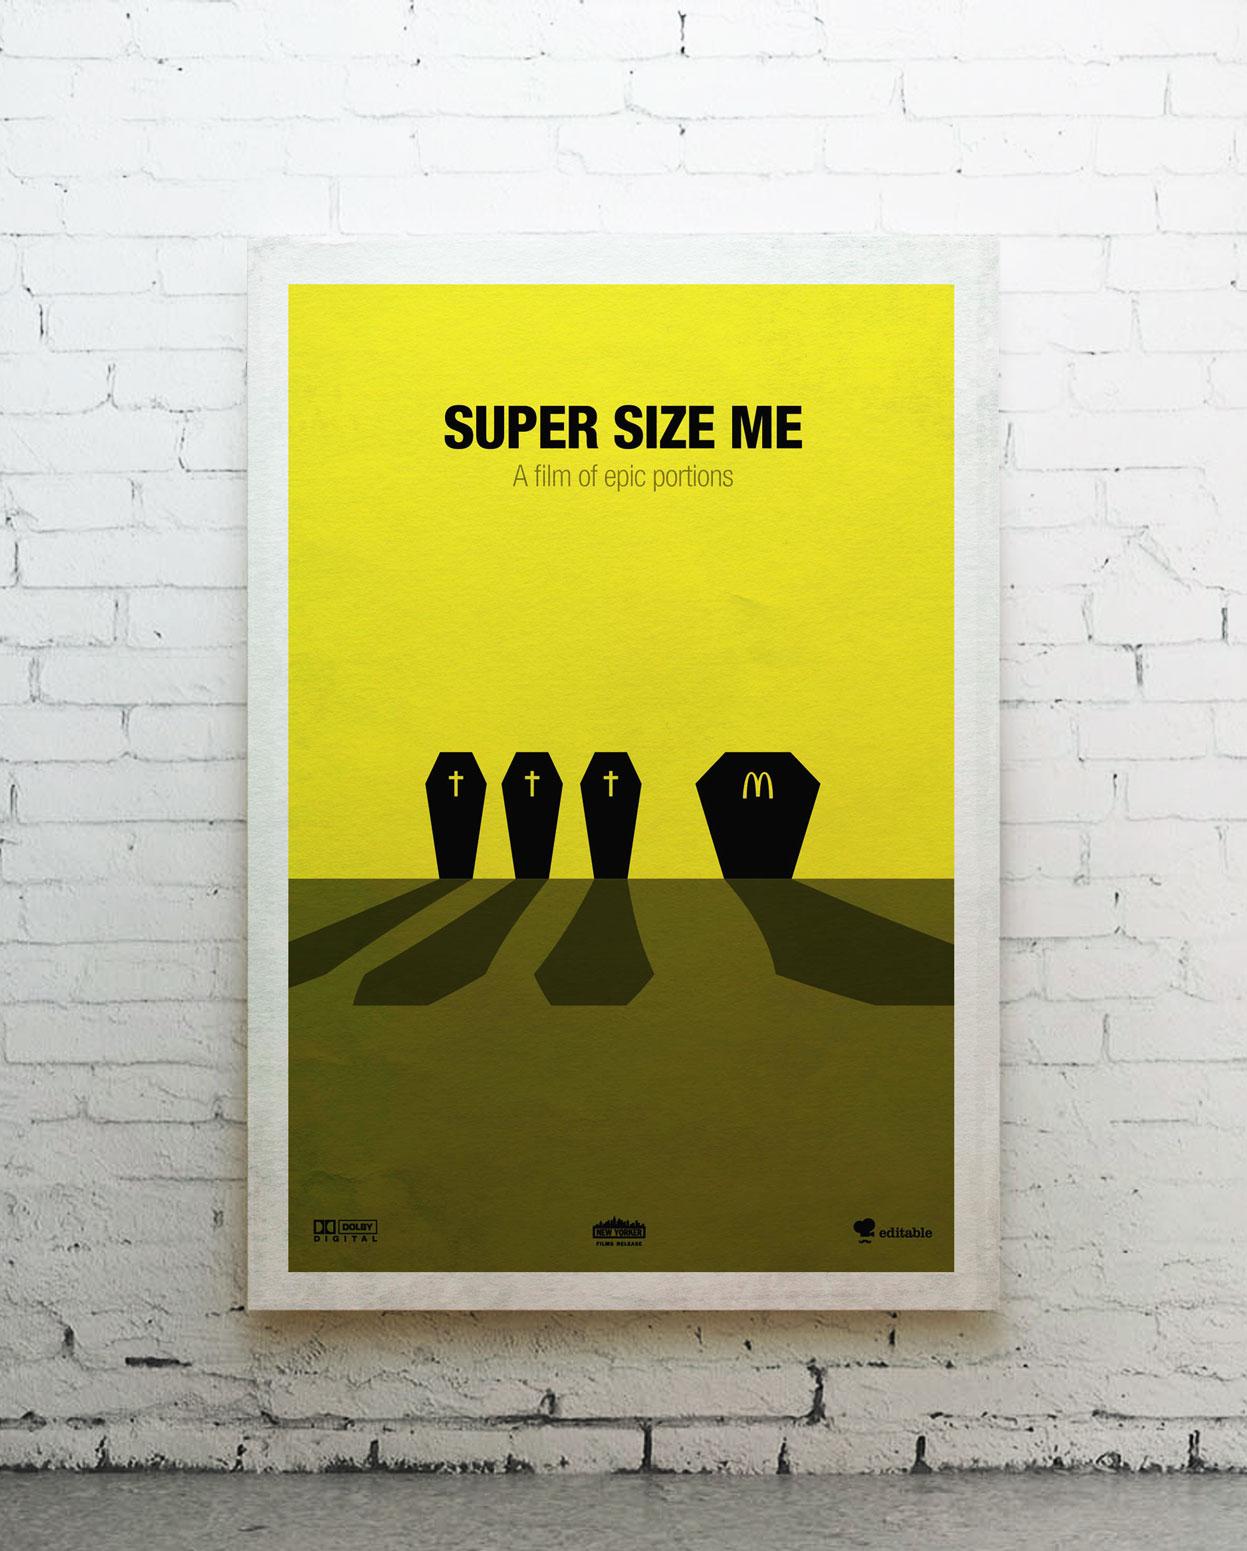 Super size me - canvas